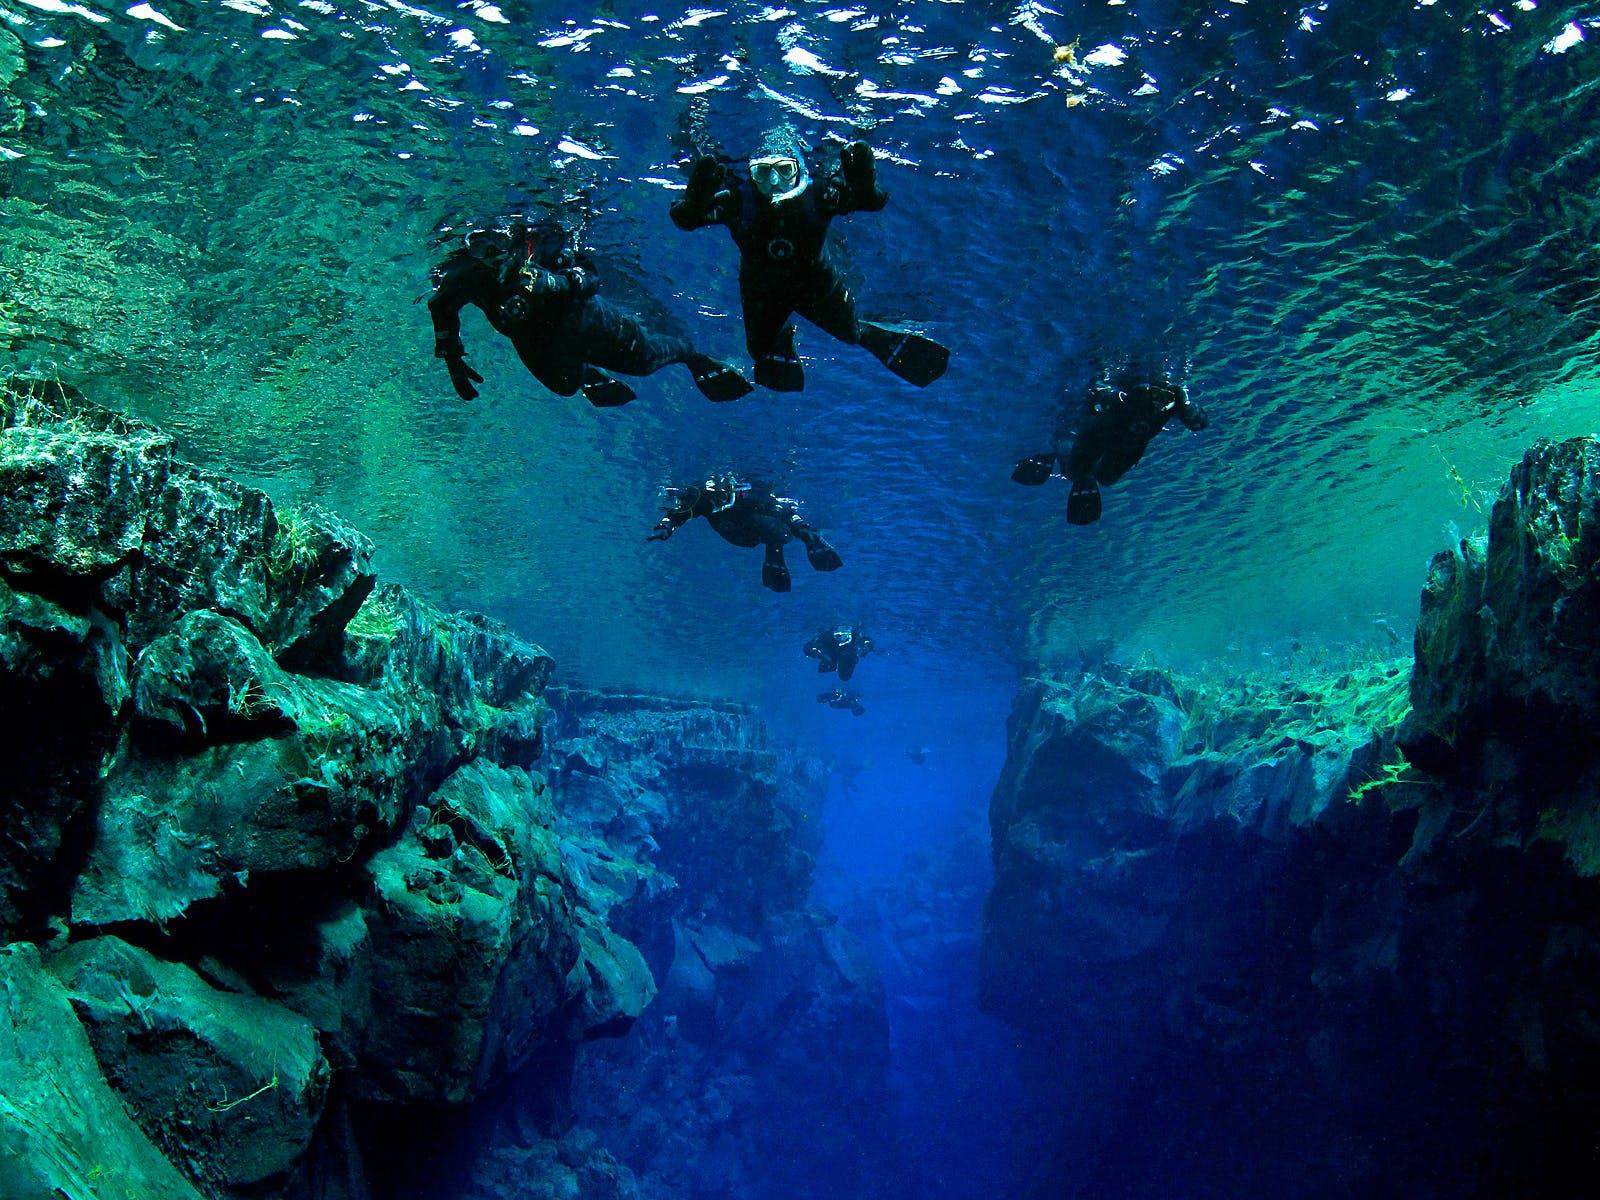 在辛格维利尔国家公园中的丝浮拉大裂缝,体验在两大地质板块间畅游的快感。